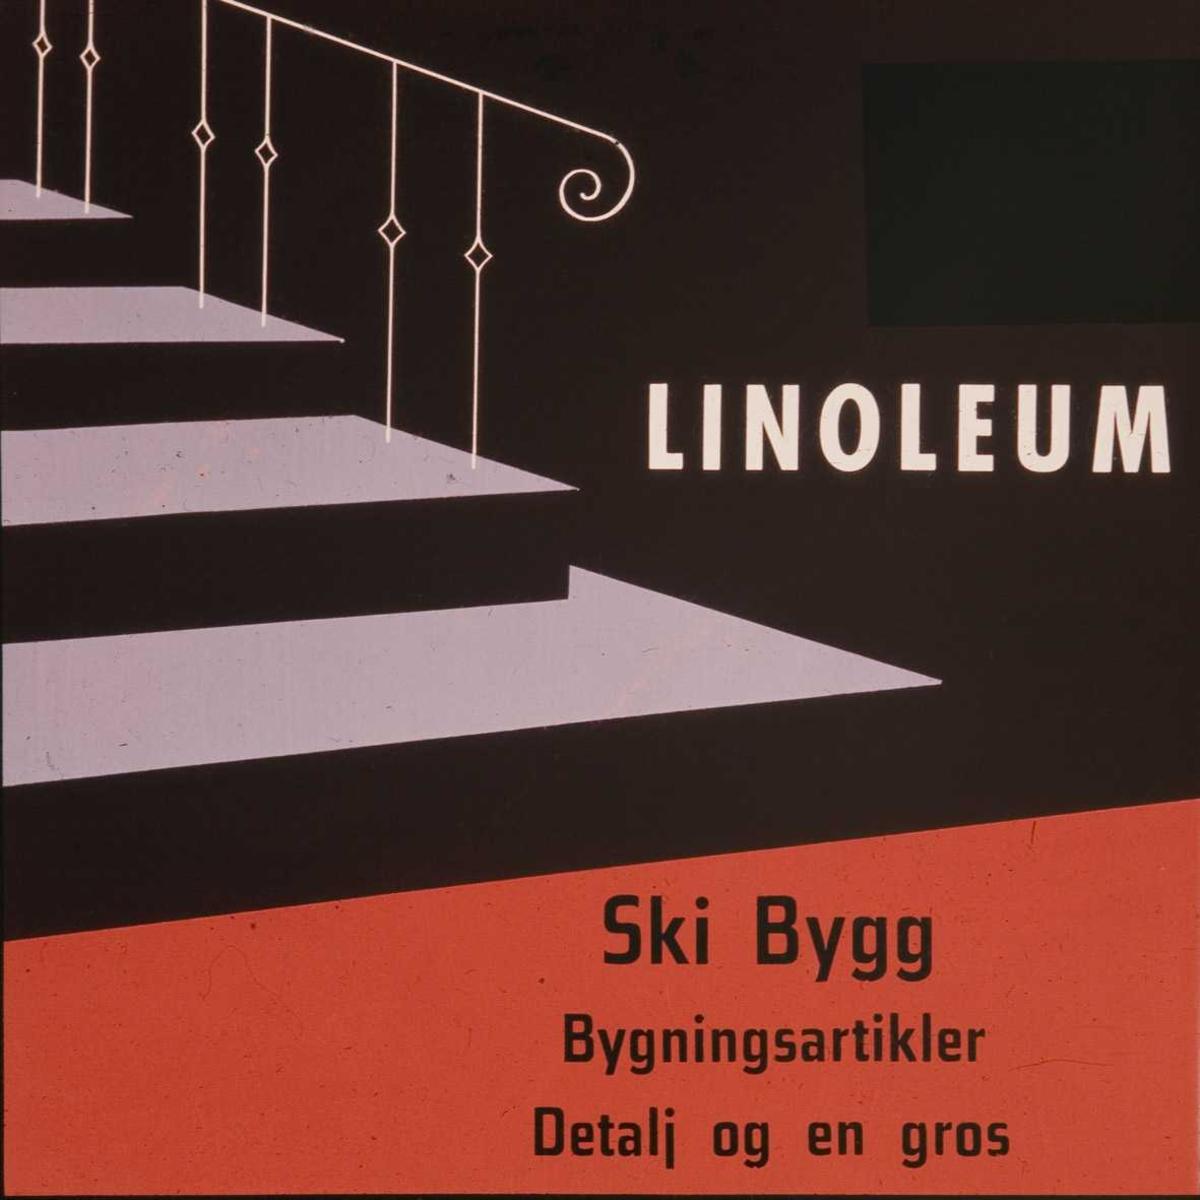 Kinoreklame fra Ski for linoleum. Ski Bygg - bygningsartikler detalj og en gros.